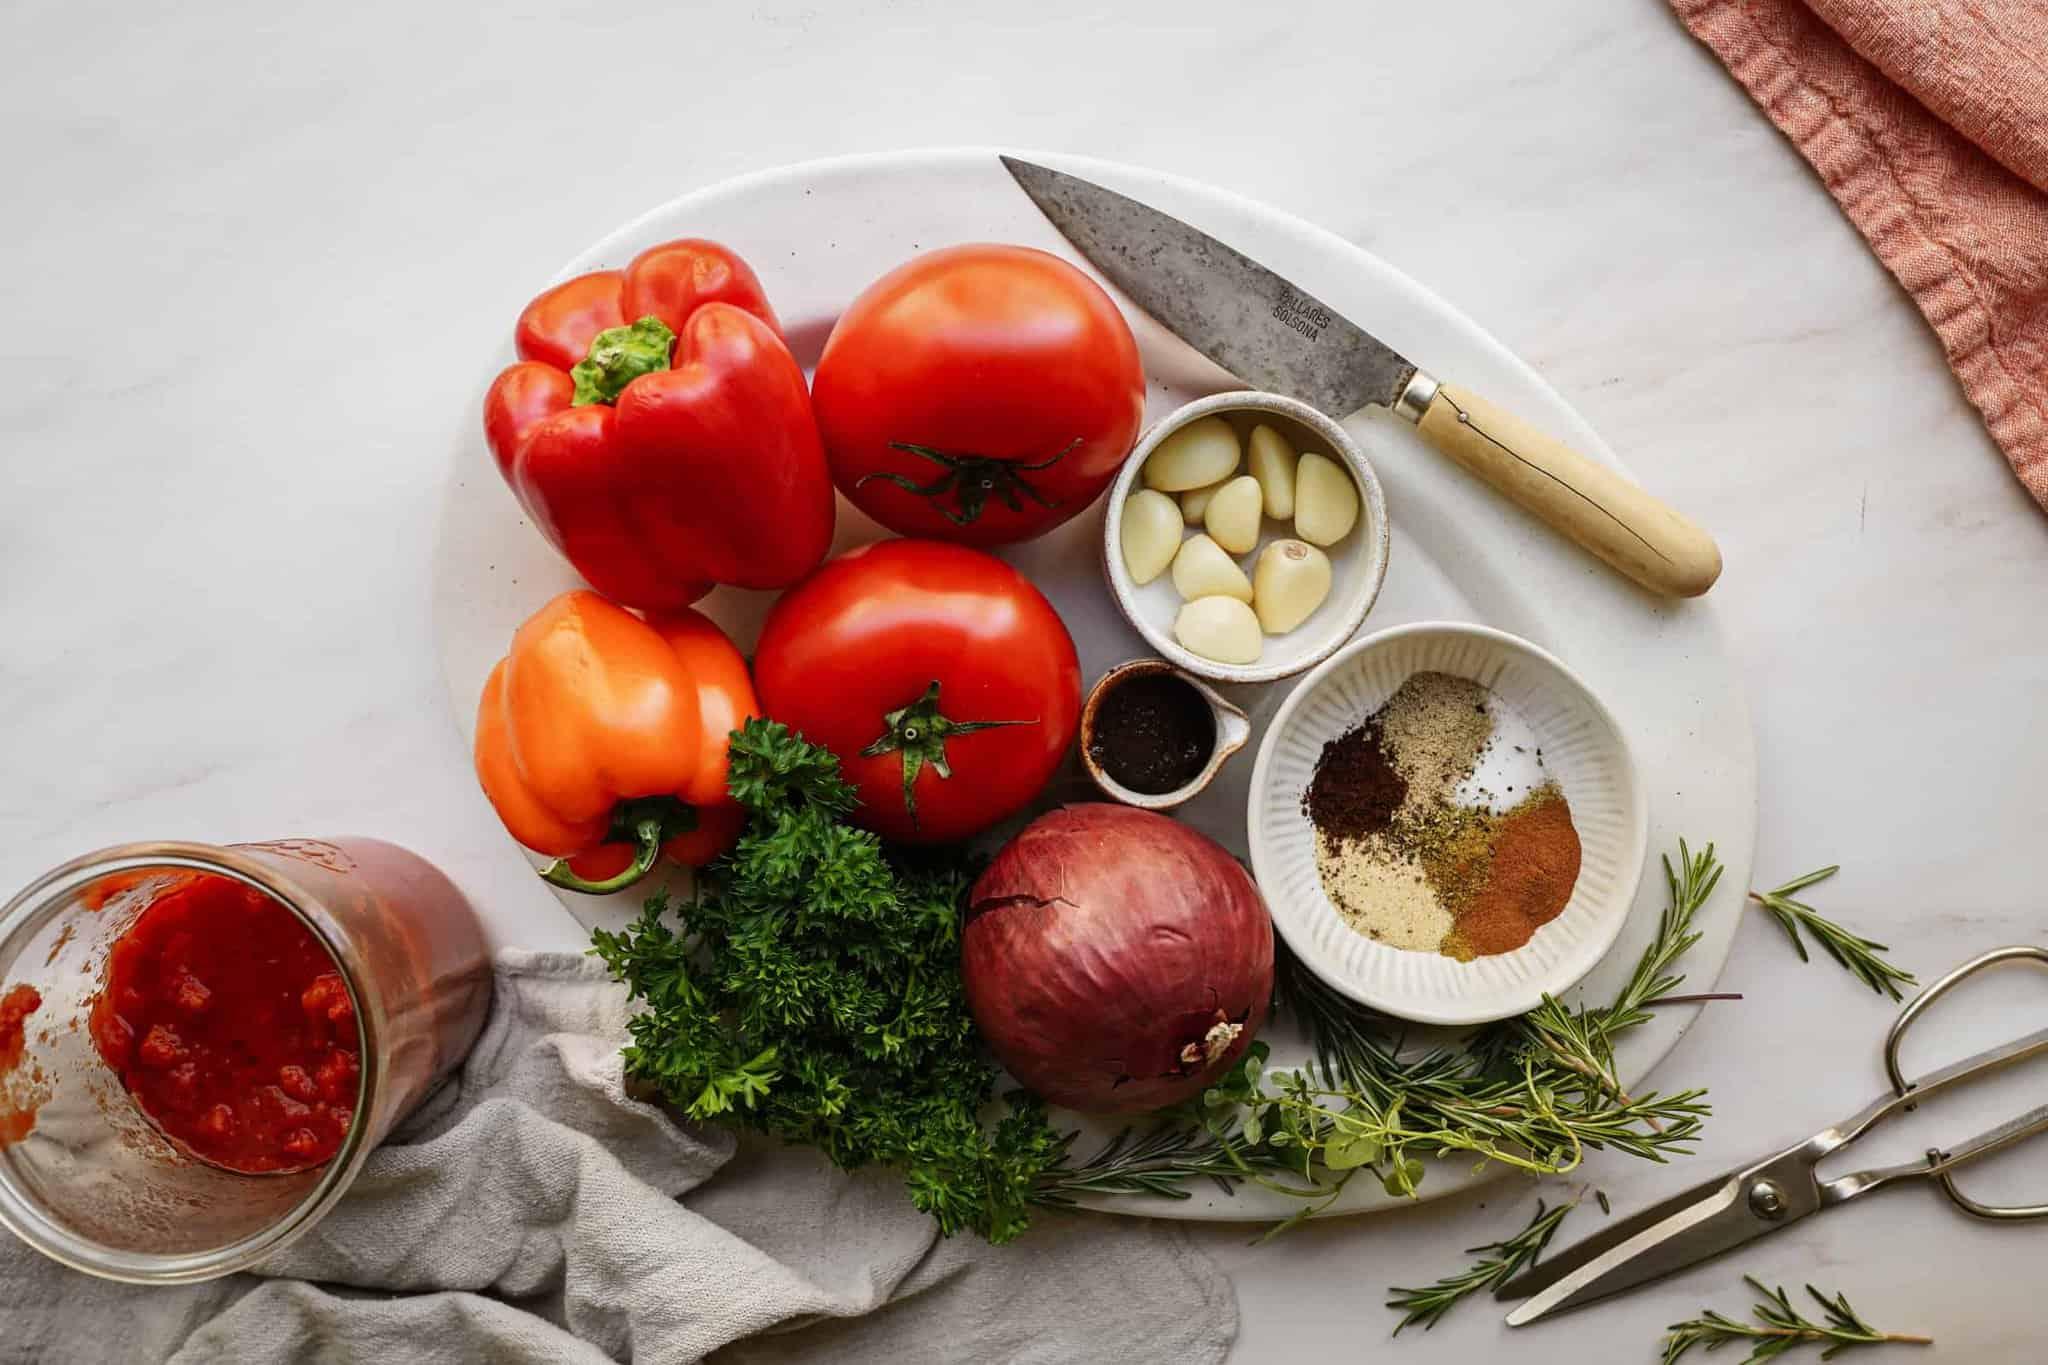 Ingredients for healthy vegan pasta sauce